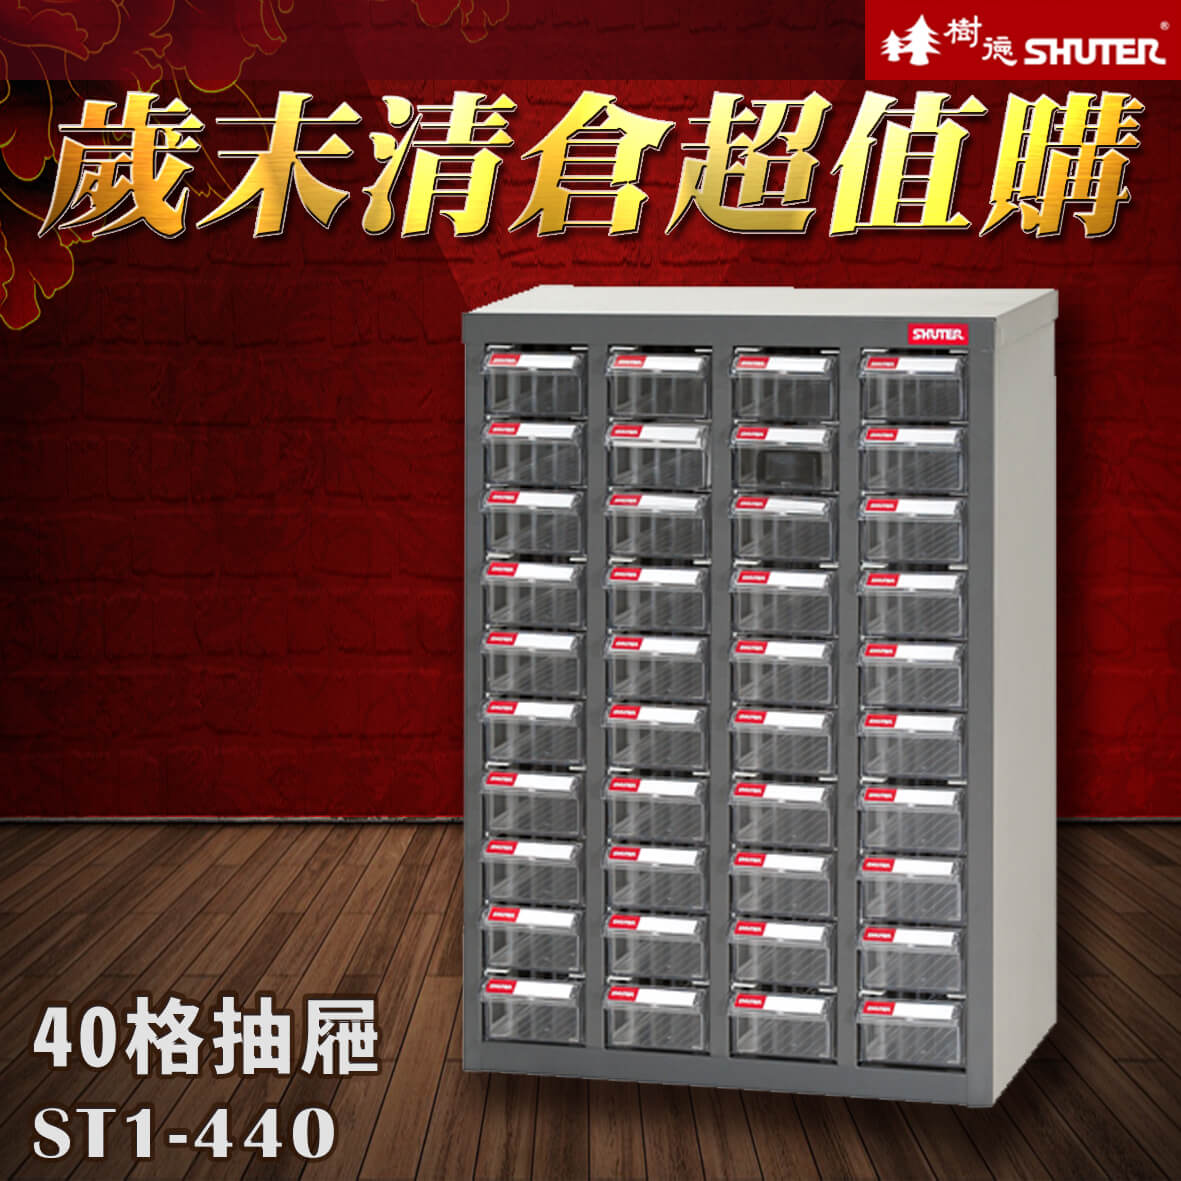 台灣品牌【樹德】 ST1-440 40格抽屜 可耐重302kg 裝潢 水電 維修 汽車 耗材 電子 3C 包膜